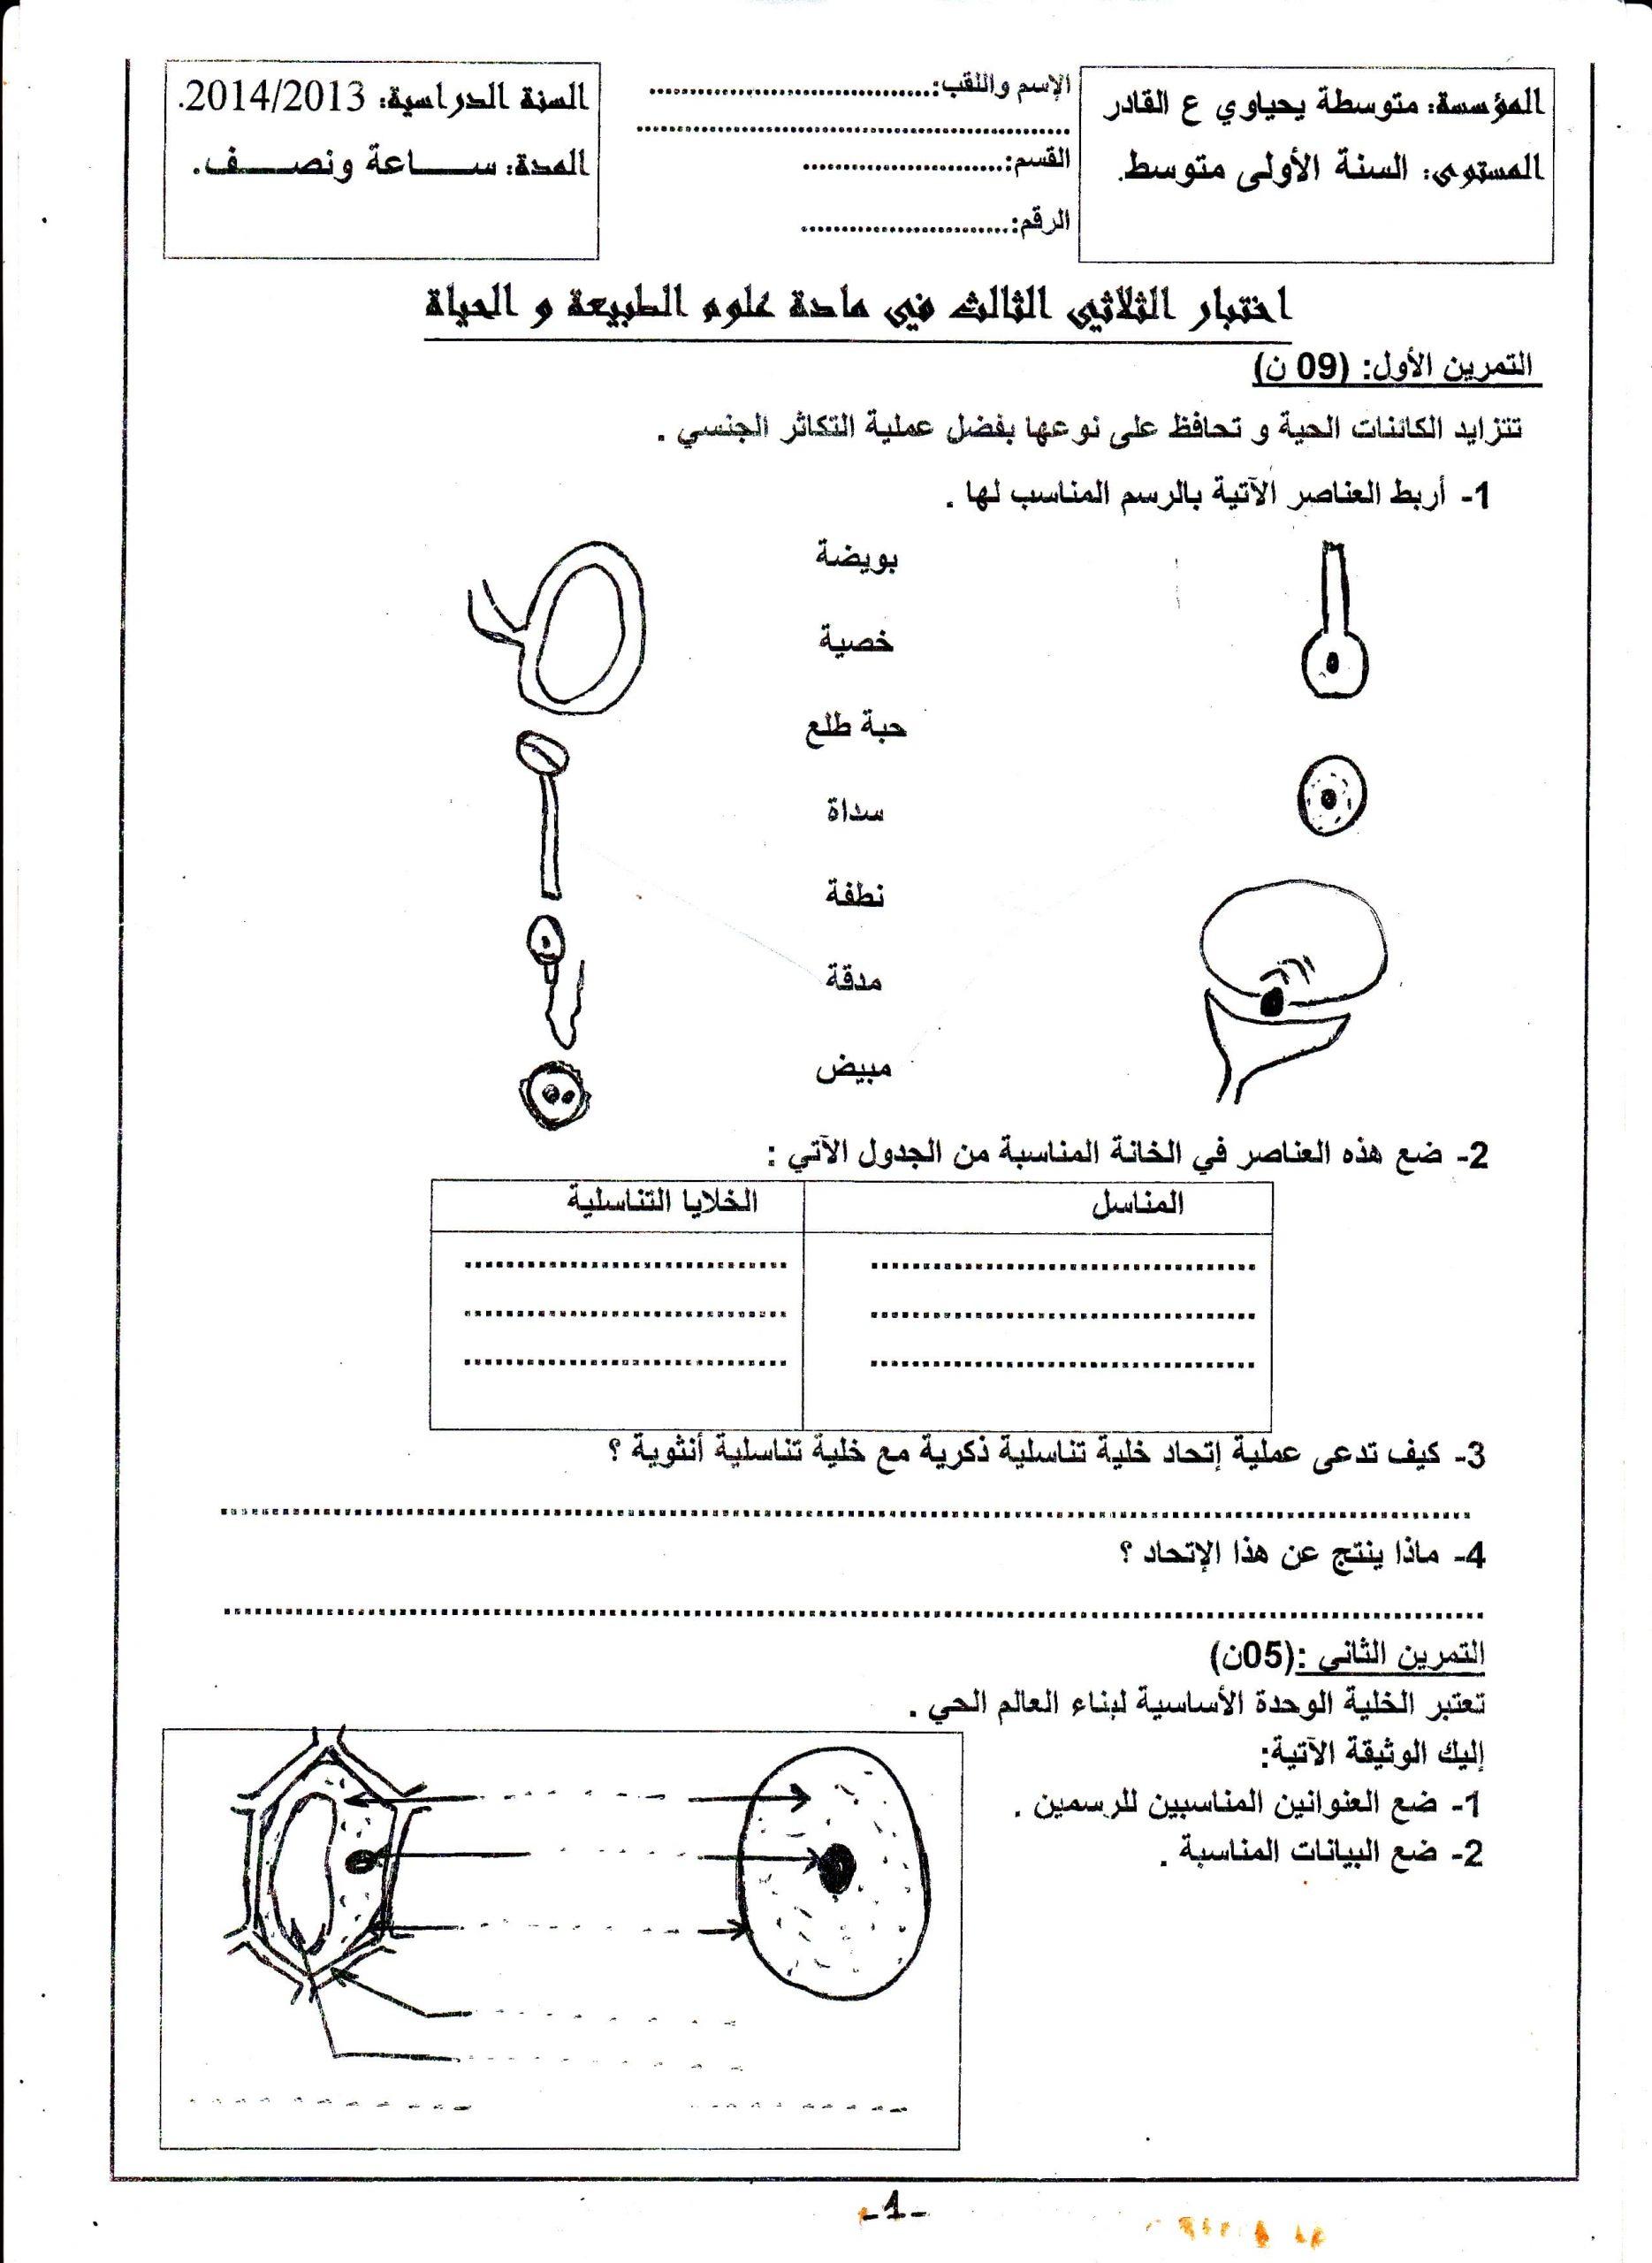 اختبار الفصل الثالث في العلوم الطبيعية للسنة الأولى متوسط - الموضوع 01